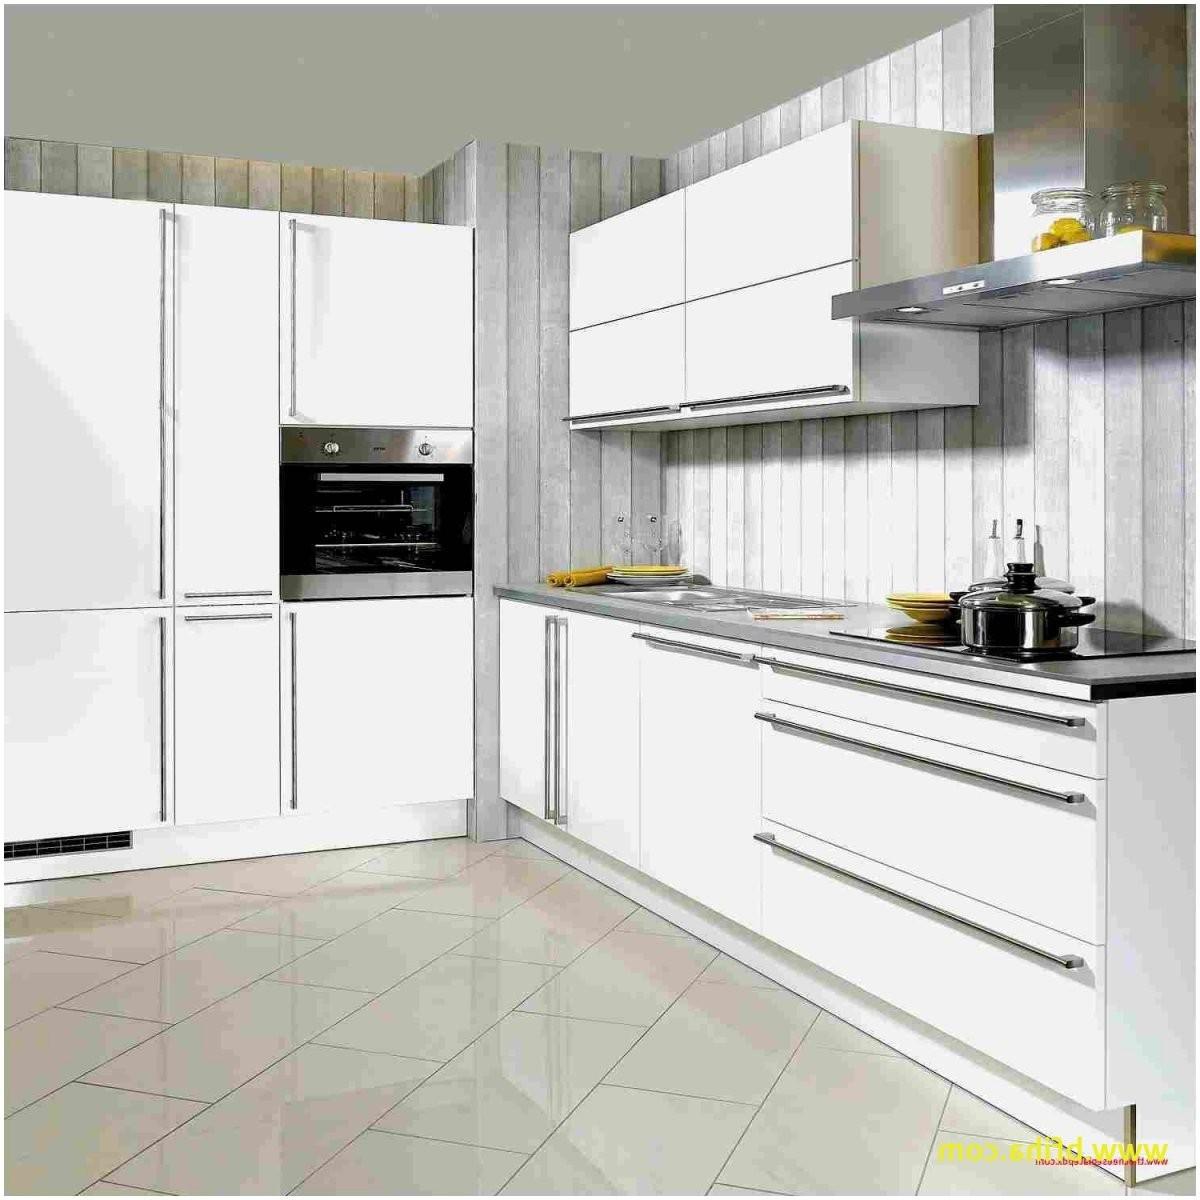 Küchenunterschrank Ikea Zwd9 Kã Chen Regale Selber Bauen Unique Kã von Schrank Für Einbauherd Selber Bauen Photo